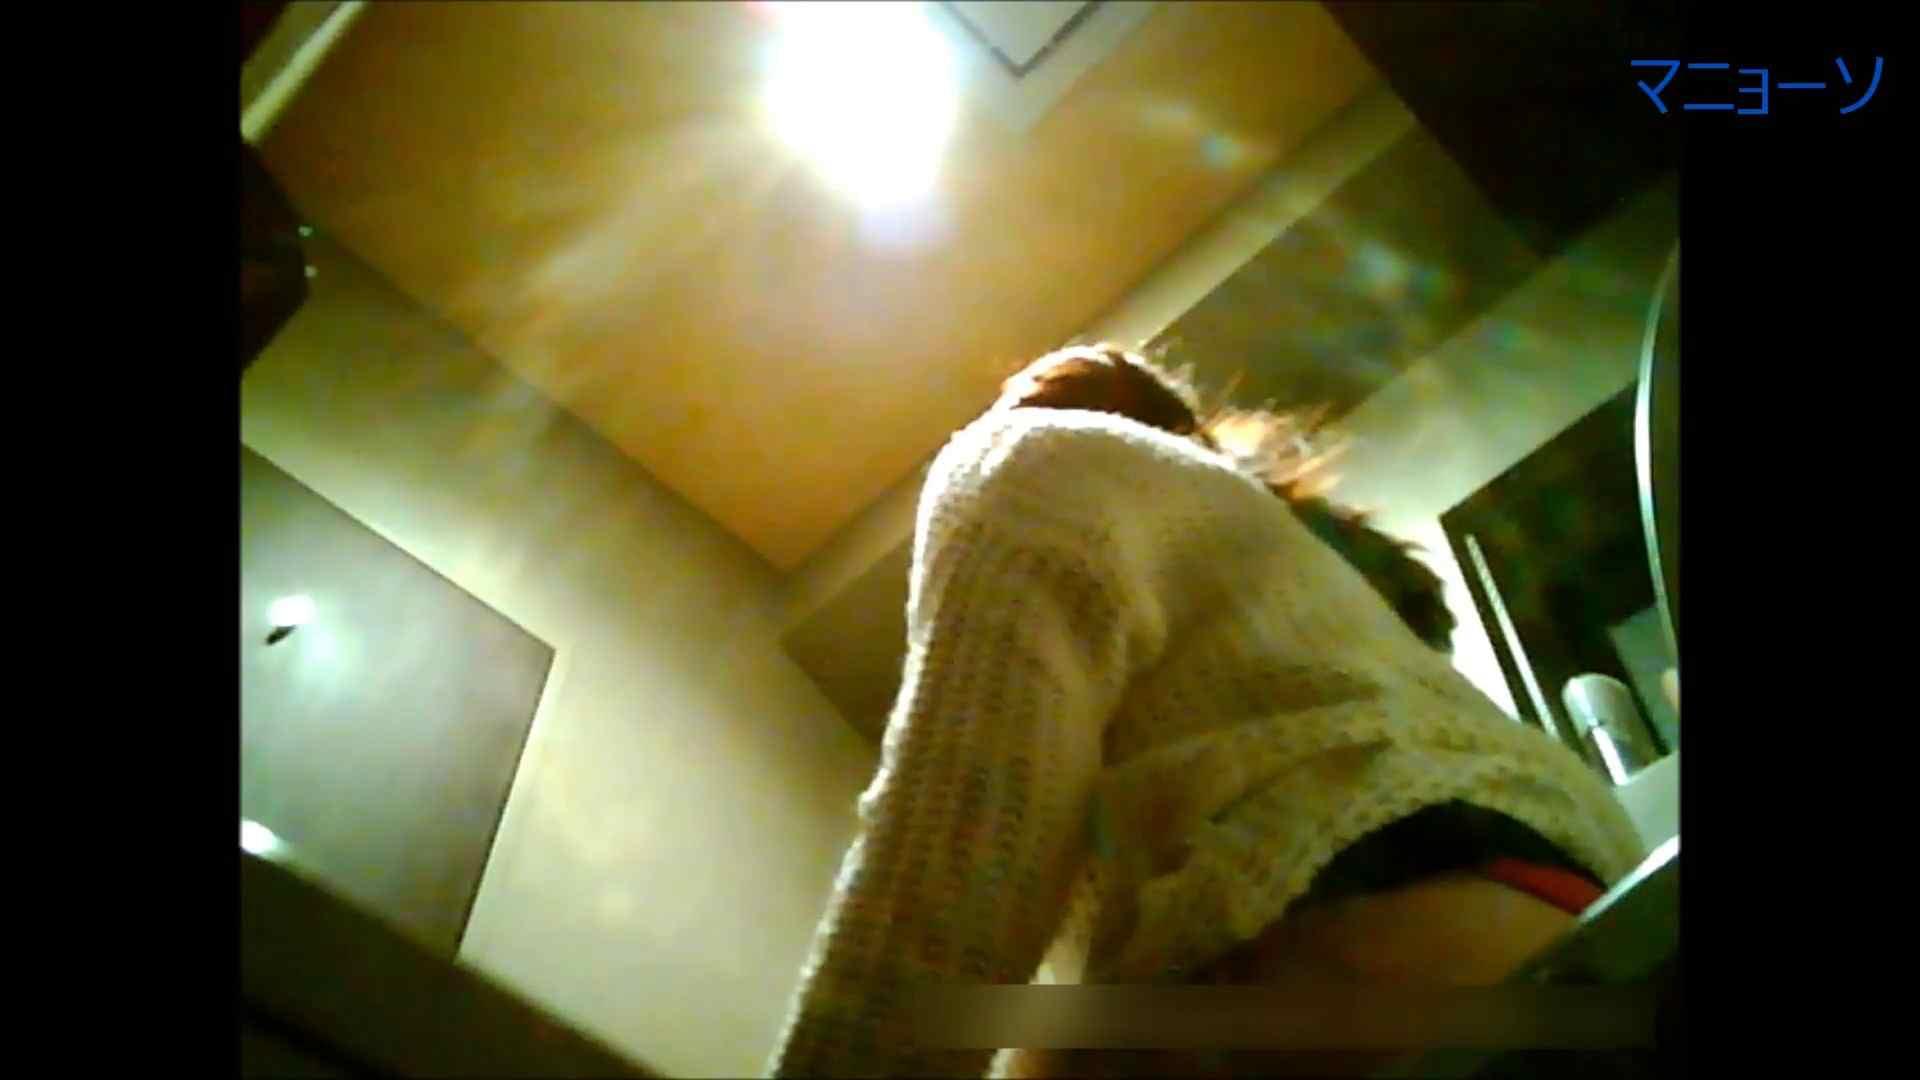 トイレでひと肌脱いでもらいました (JD編)Vol.02 エッチなお姉さん アダルト動画キャプチャ 83画像 11